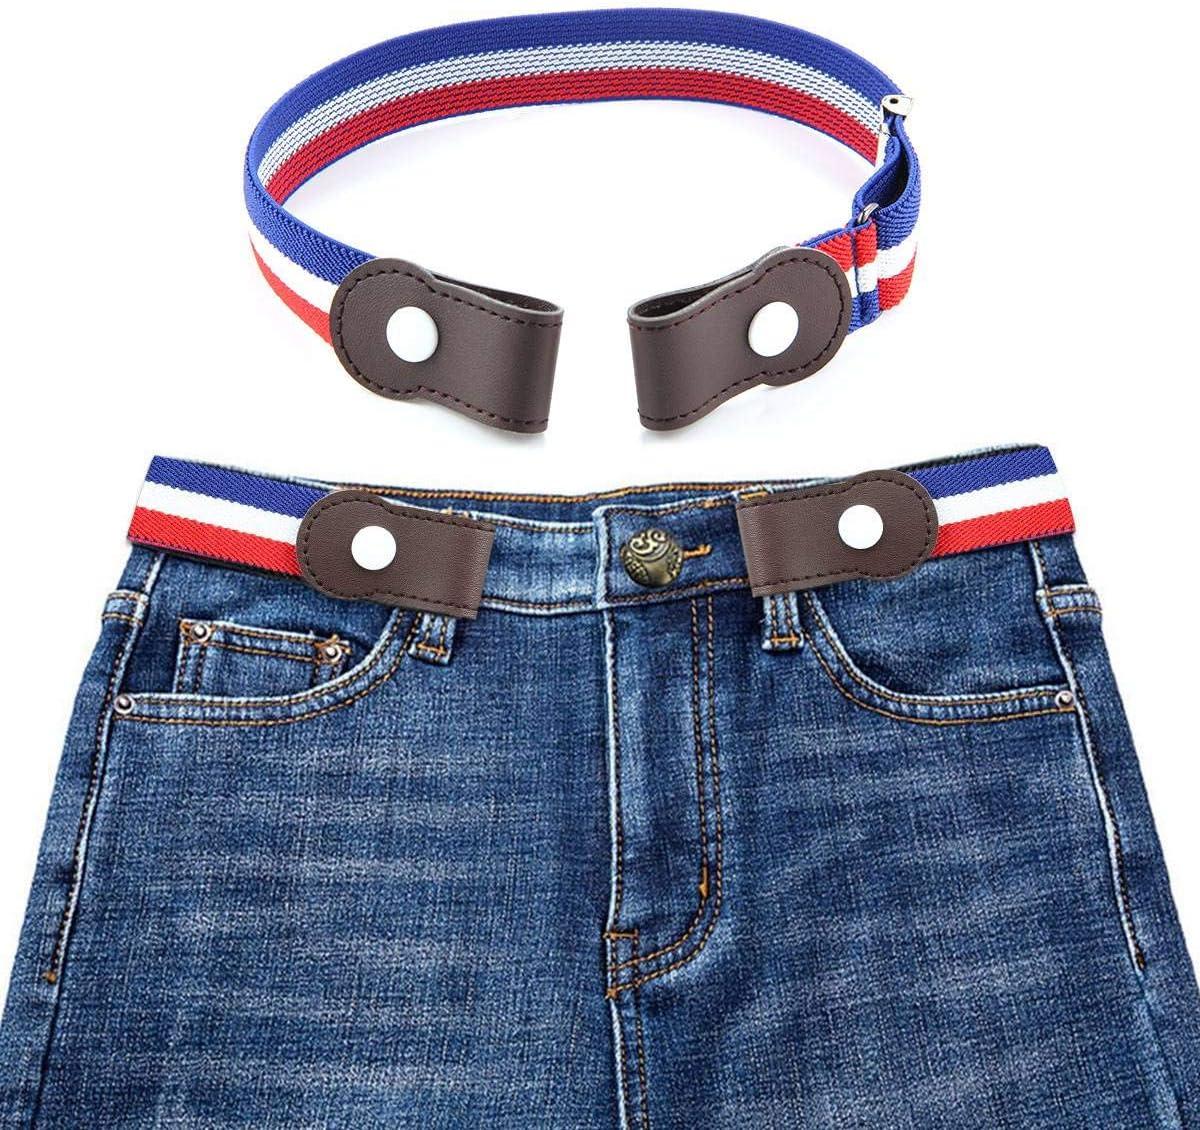 Efuture cinturón Mujer elástico sin Hebilla–cinturón elástico Invisible, Salud para el cinturón elástico sin Hebilla para Mujeres Hombres niños (Ajustable de 40Pulgadas), Enfants -F